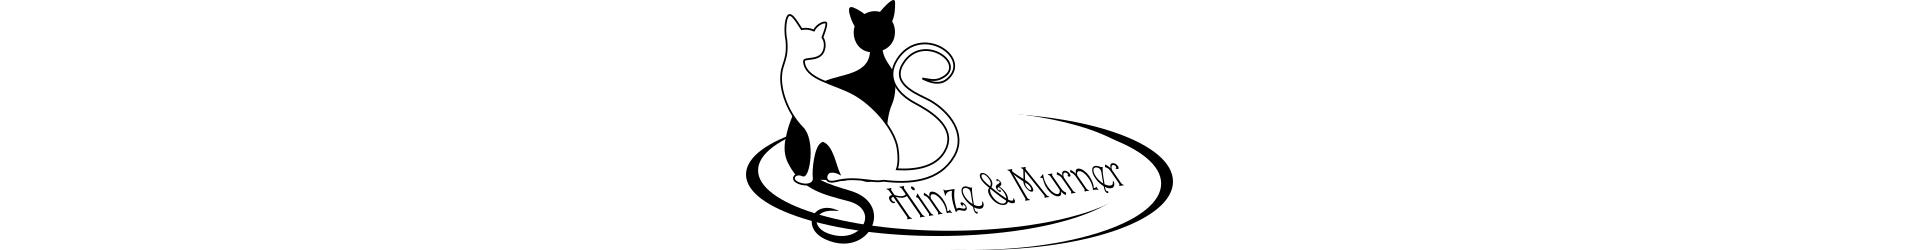 Hinze & Murner